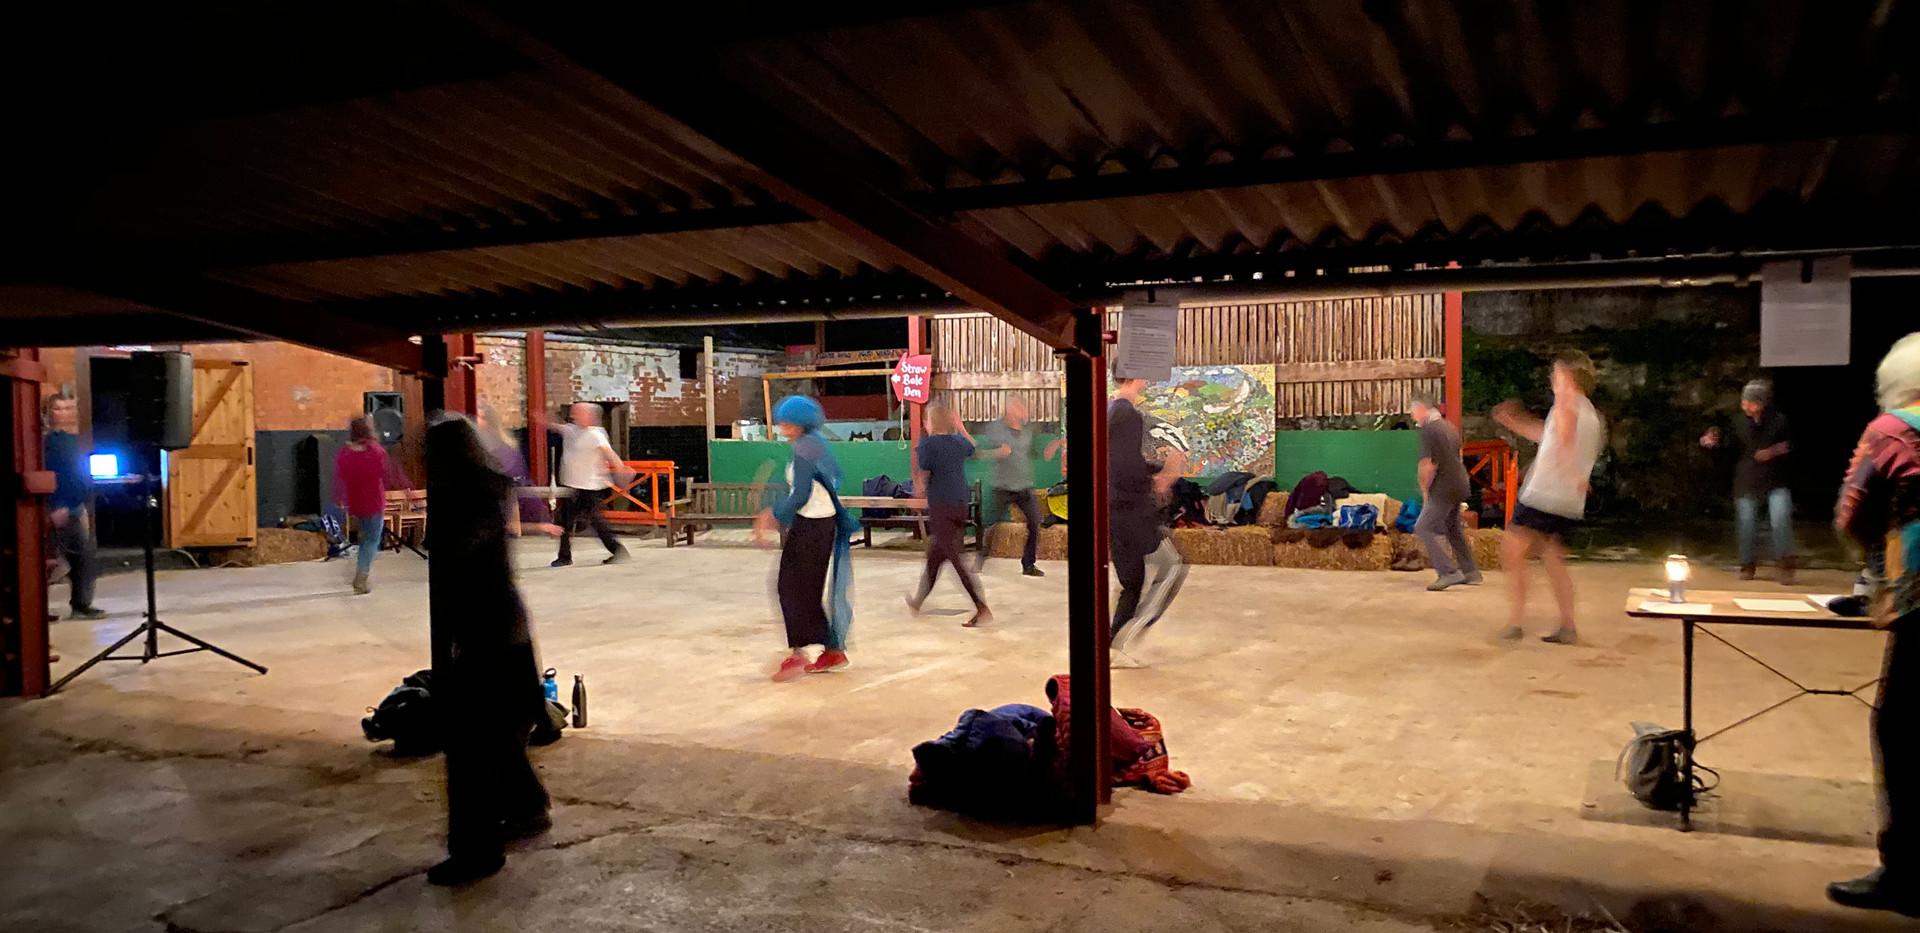 dance in the barn 4 Nov 2020